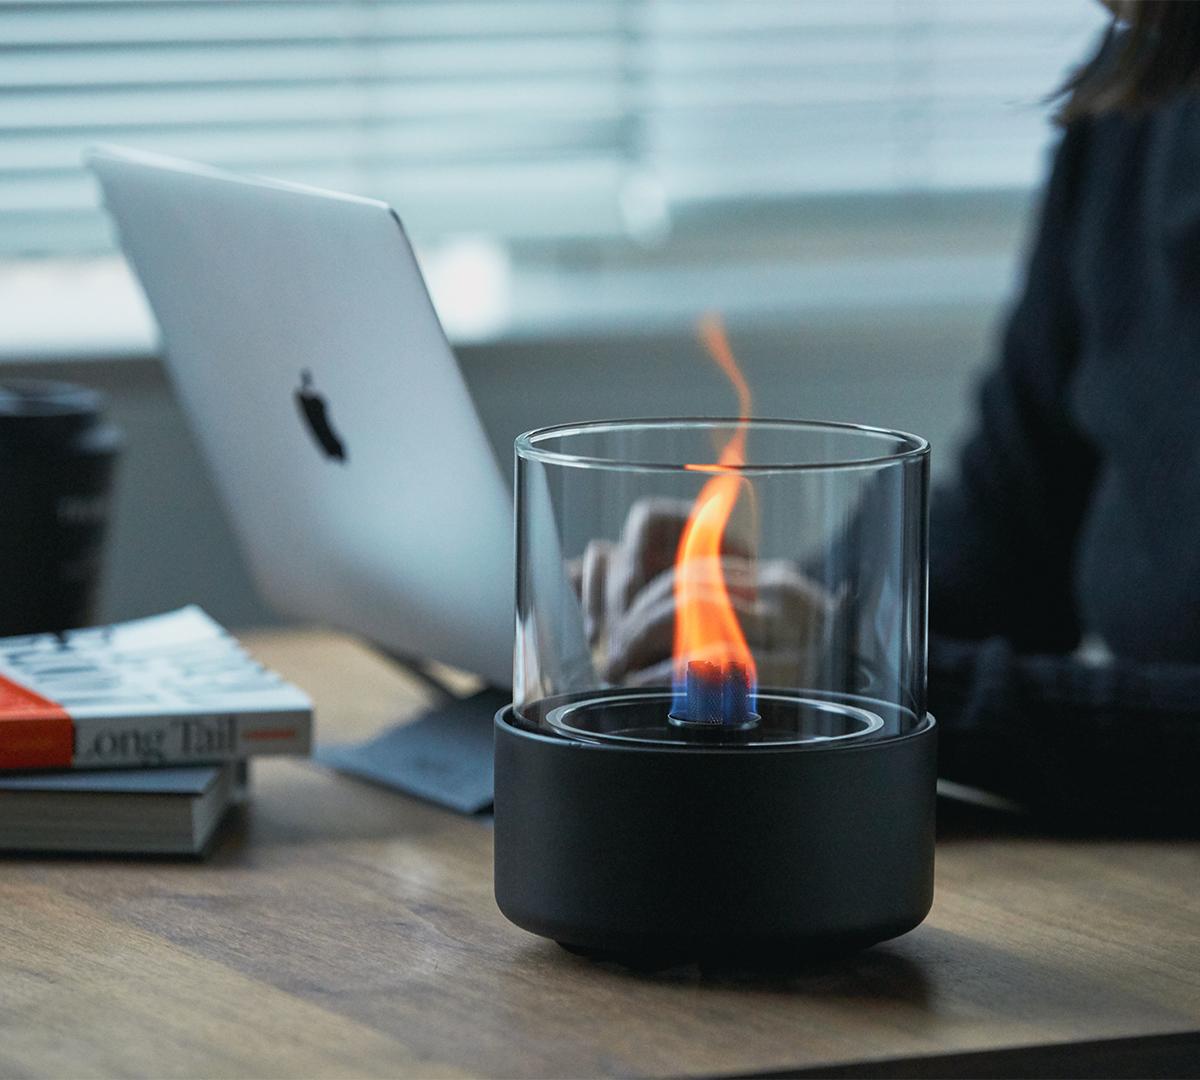 本体器具のステンレススチール芯「スマートウィック」(特許取得)の先端でのみ着火。ニオイや煙が出ず、倒しても安心の特殊燃料で手軽に楽しめる!「卓上ランプ、テーブルライト」|LOVINFLAME(ラヴィンフレーム)